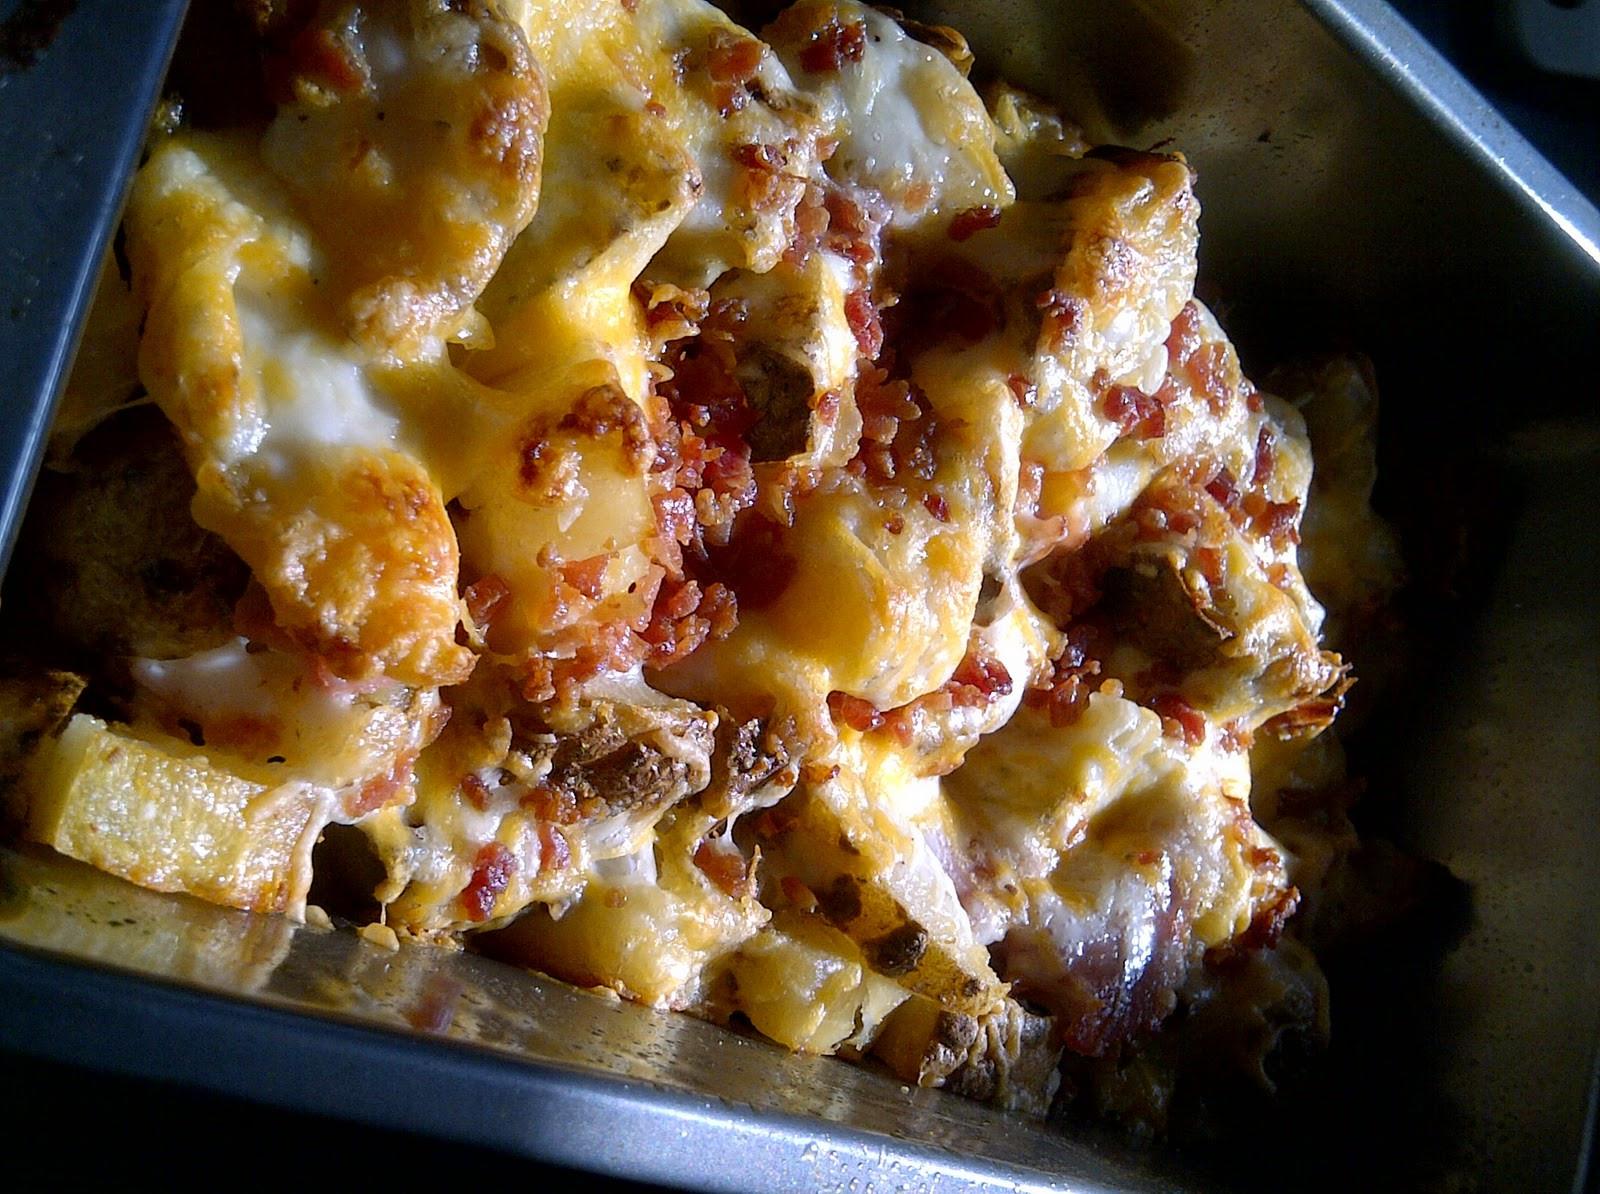 Leftover Baked Potato Recipes  USASillyYaks Leftover Baked Potatoes Turned into Amazingness